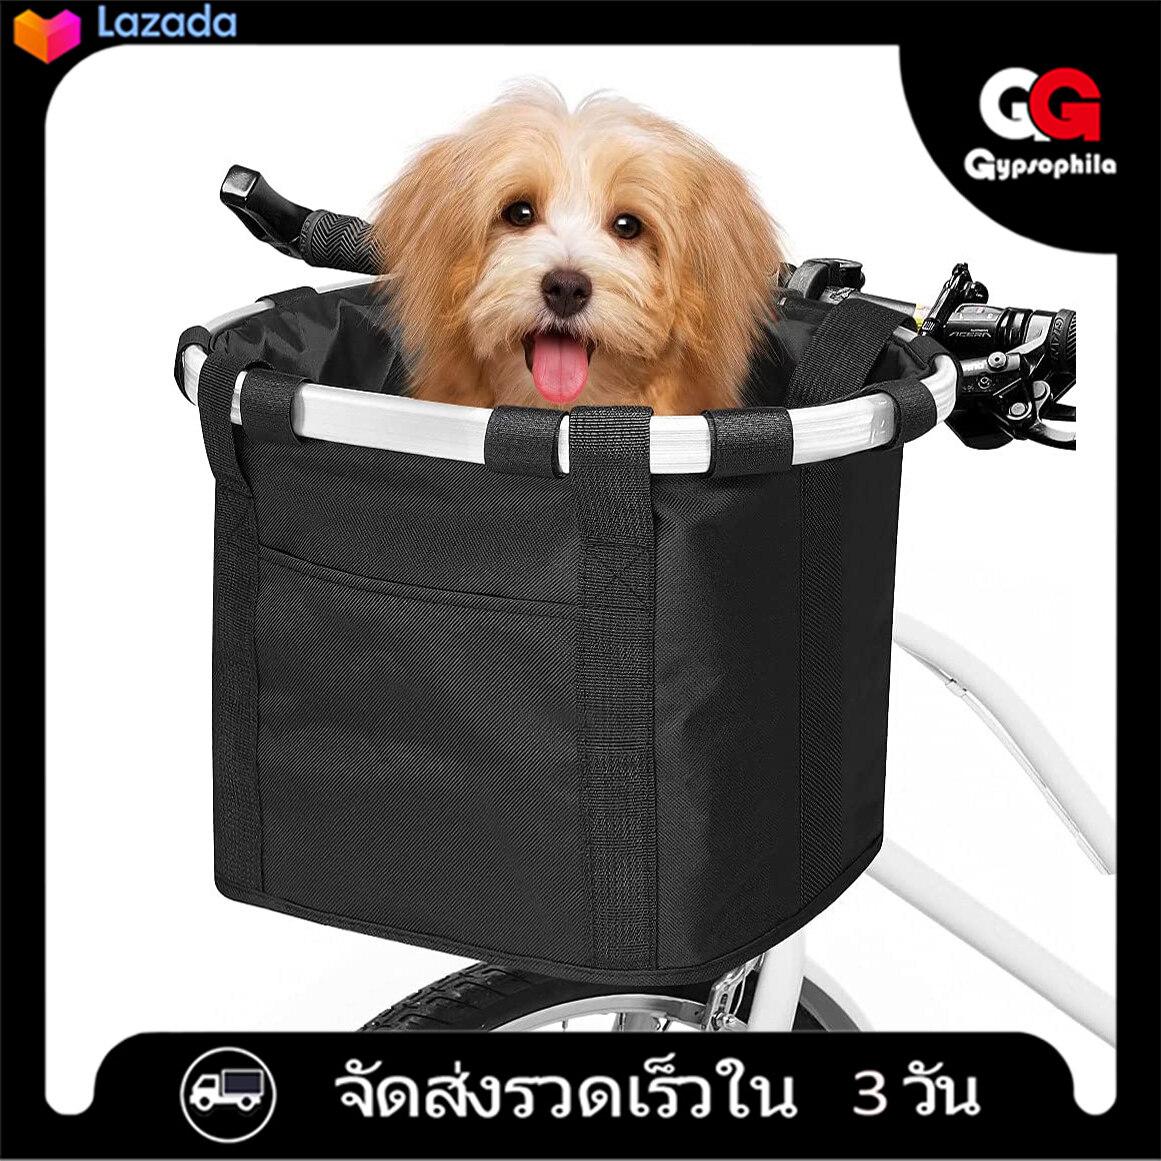 ตะกร้าจักรยาน โครงหลังหมาและแมวสัตว์เลี้ยงขนาดเล็กพับได้ ตะกร้าใส่แฮนด์จักรยานด้านหน้า ปล่อยด่วน ติดตั้งง่าย ขาตั้งจักรยานกระเป๋าขี่จักรยานกระเป๋าใส่จักรยานด้านหน้า 5.0kg Pack Bicycle Accessories อะไหล่จักรยาน ตะกร้าจักรยาน ช้อปปิ้งปิกนิกบนภูเขา.